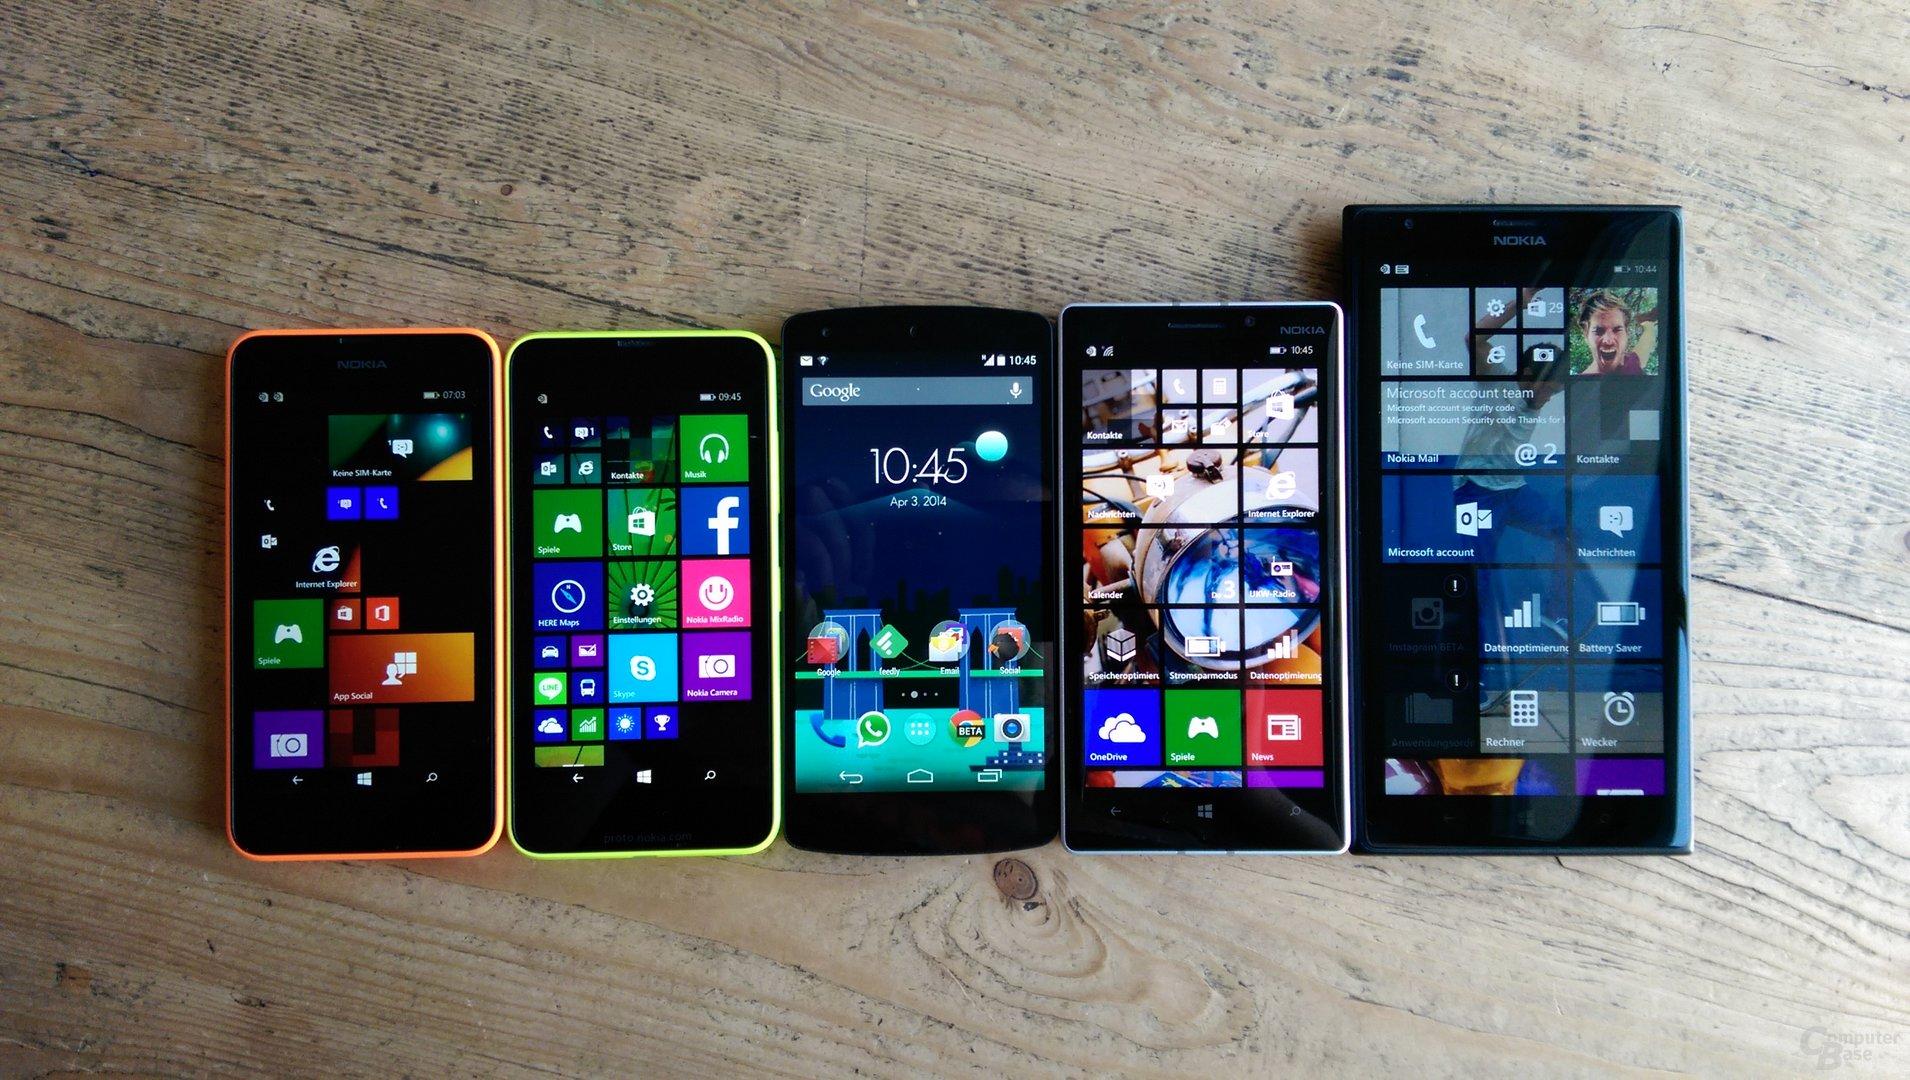 Lumia 630, Lumia 635, Nexus 5, Lumia 930, Lumia 1520